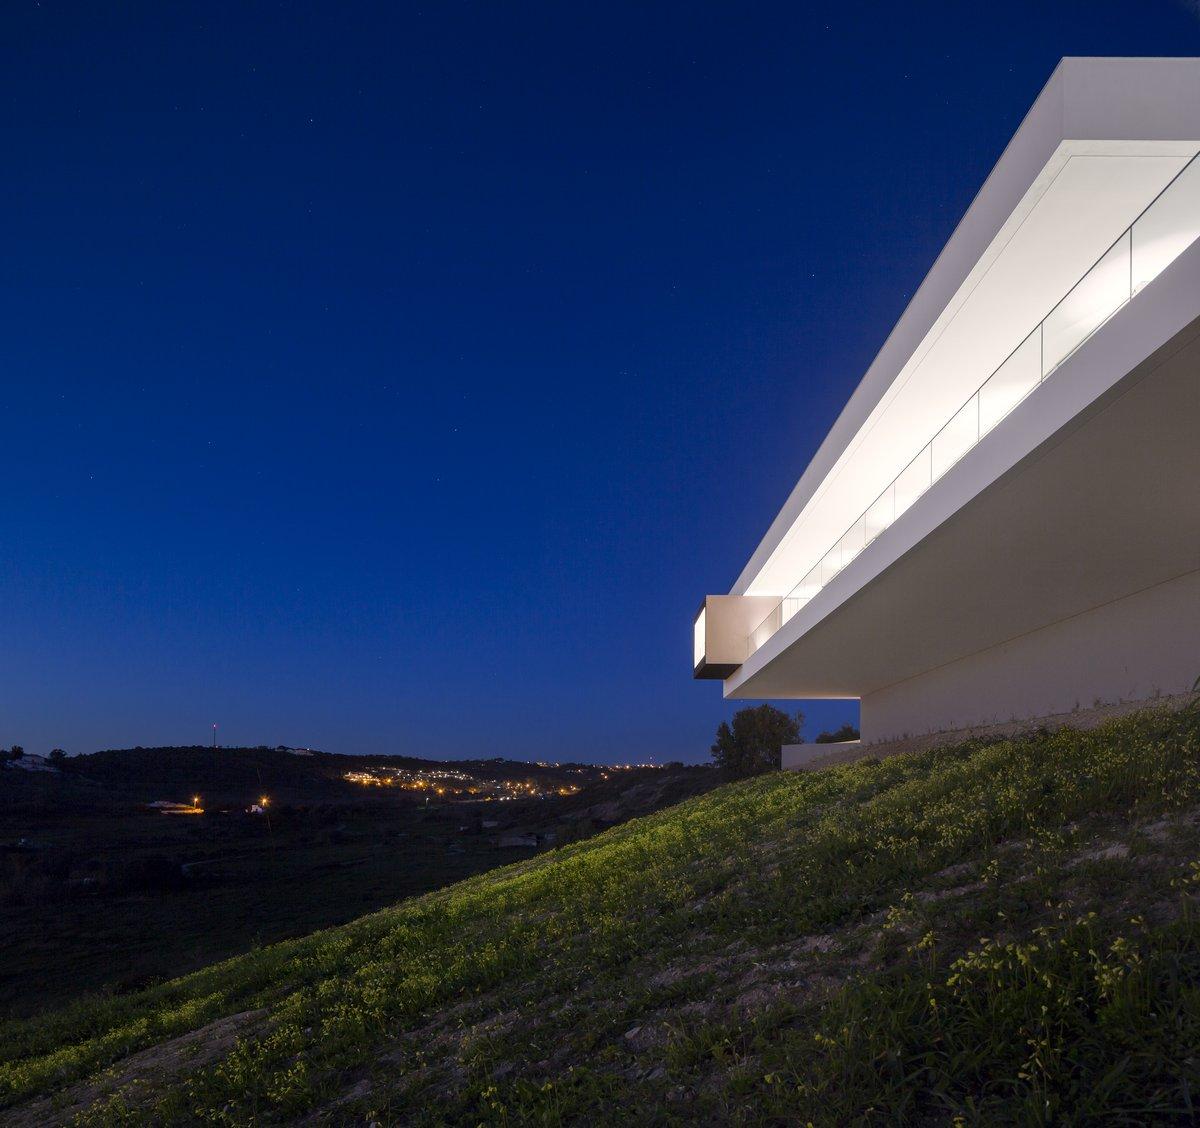 Марио Мартинс, вилла в Португалии, Вилла Эскарпа, Villa Escarpa, вилла в Прайя-да-Луз, вилла в Алгарви, интервью с Томом Корнуэллом